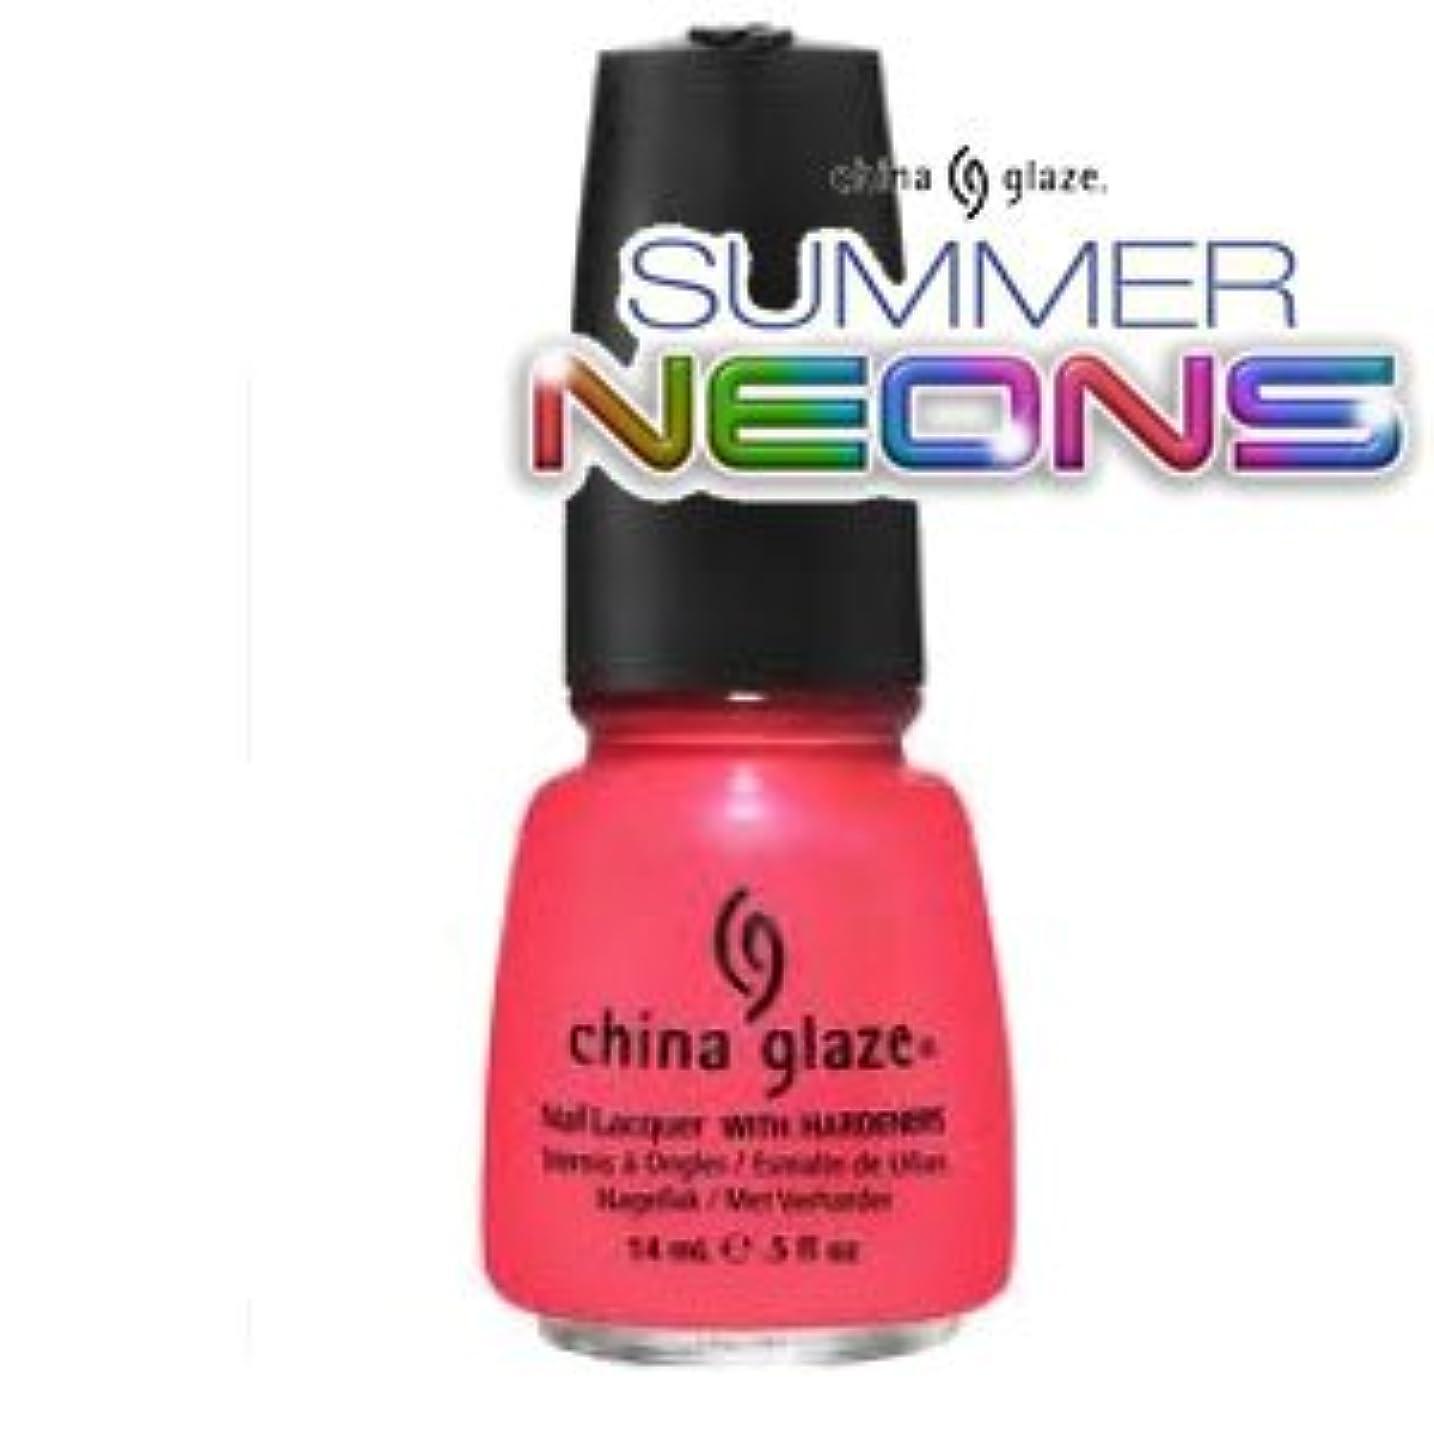 ドレイン疫病曖昧な(チャイナグレイズ)China Glaze Flirty Tankiniーサマーネオン コレクション [海外直送品][並行輸入品]